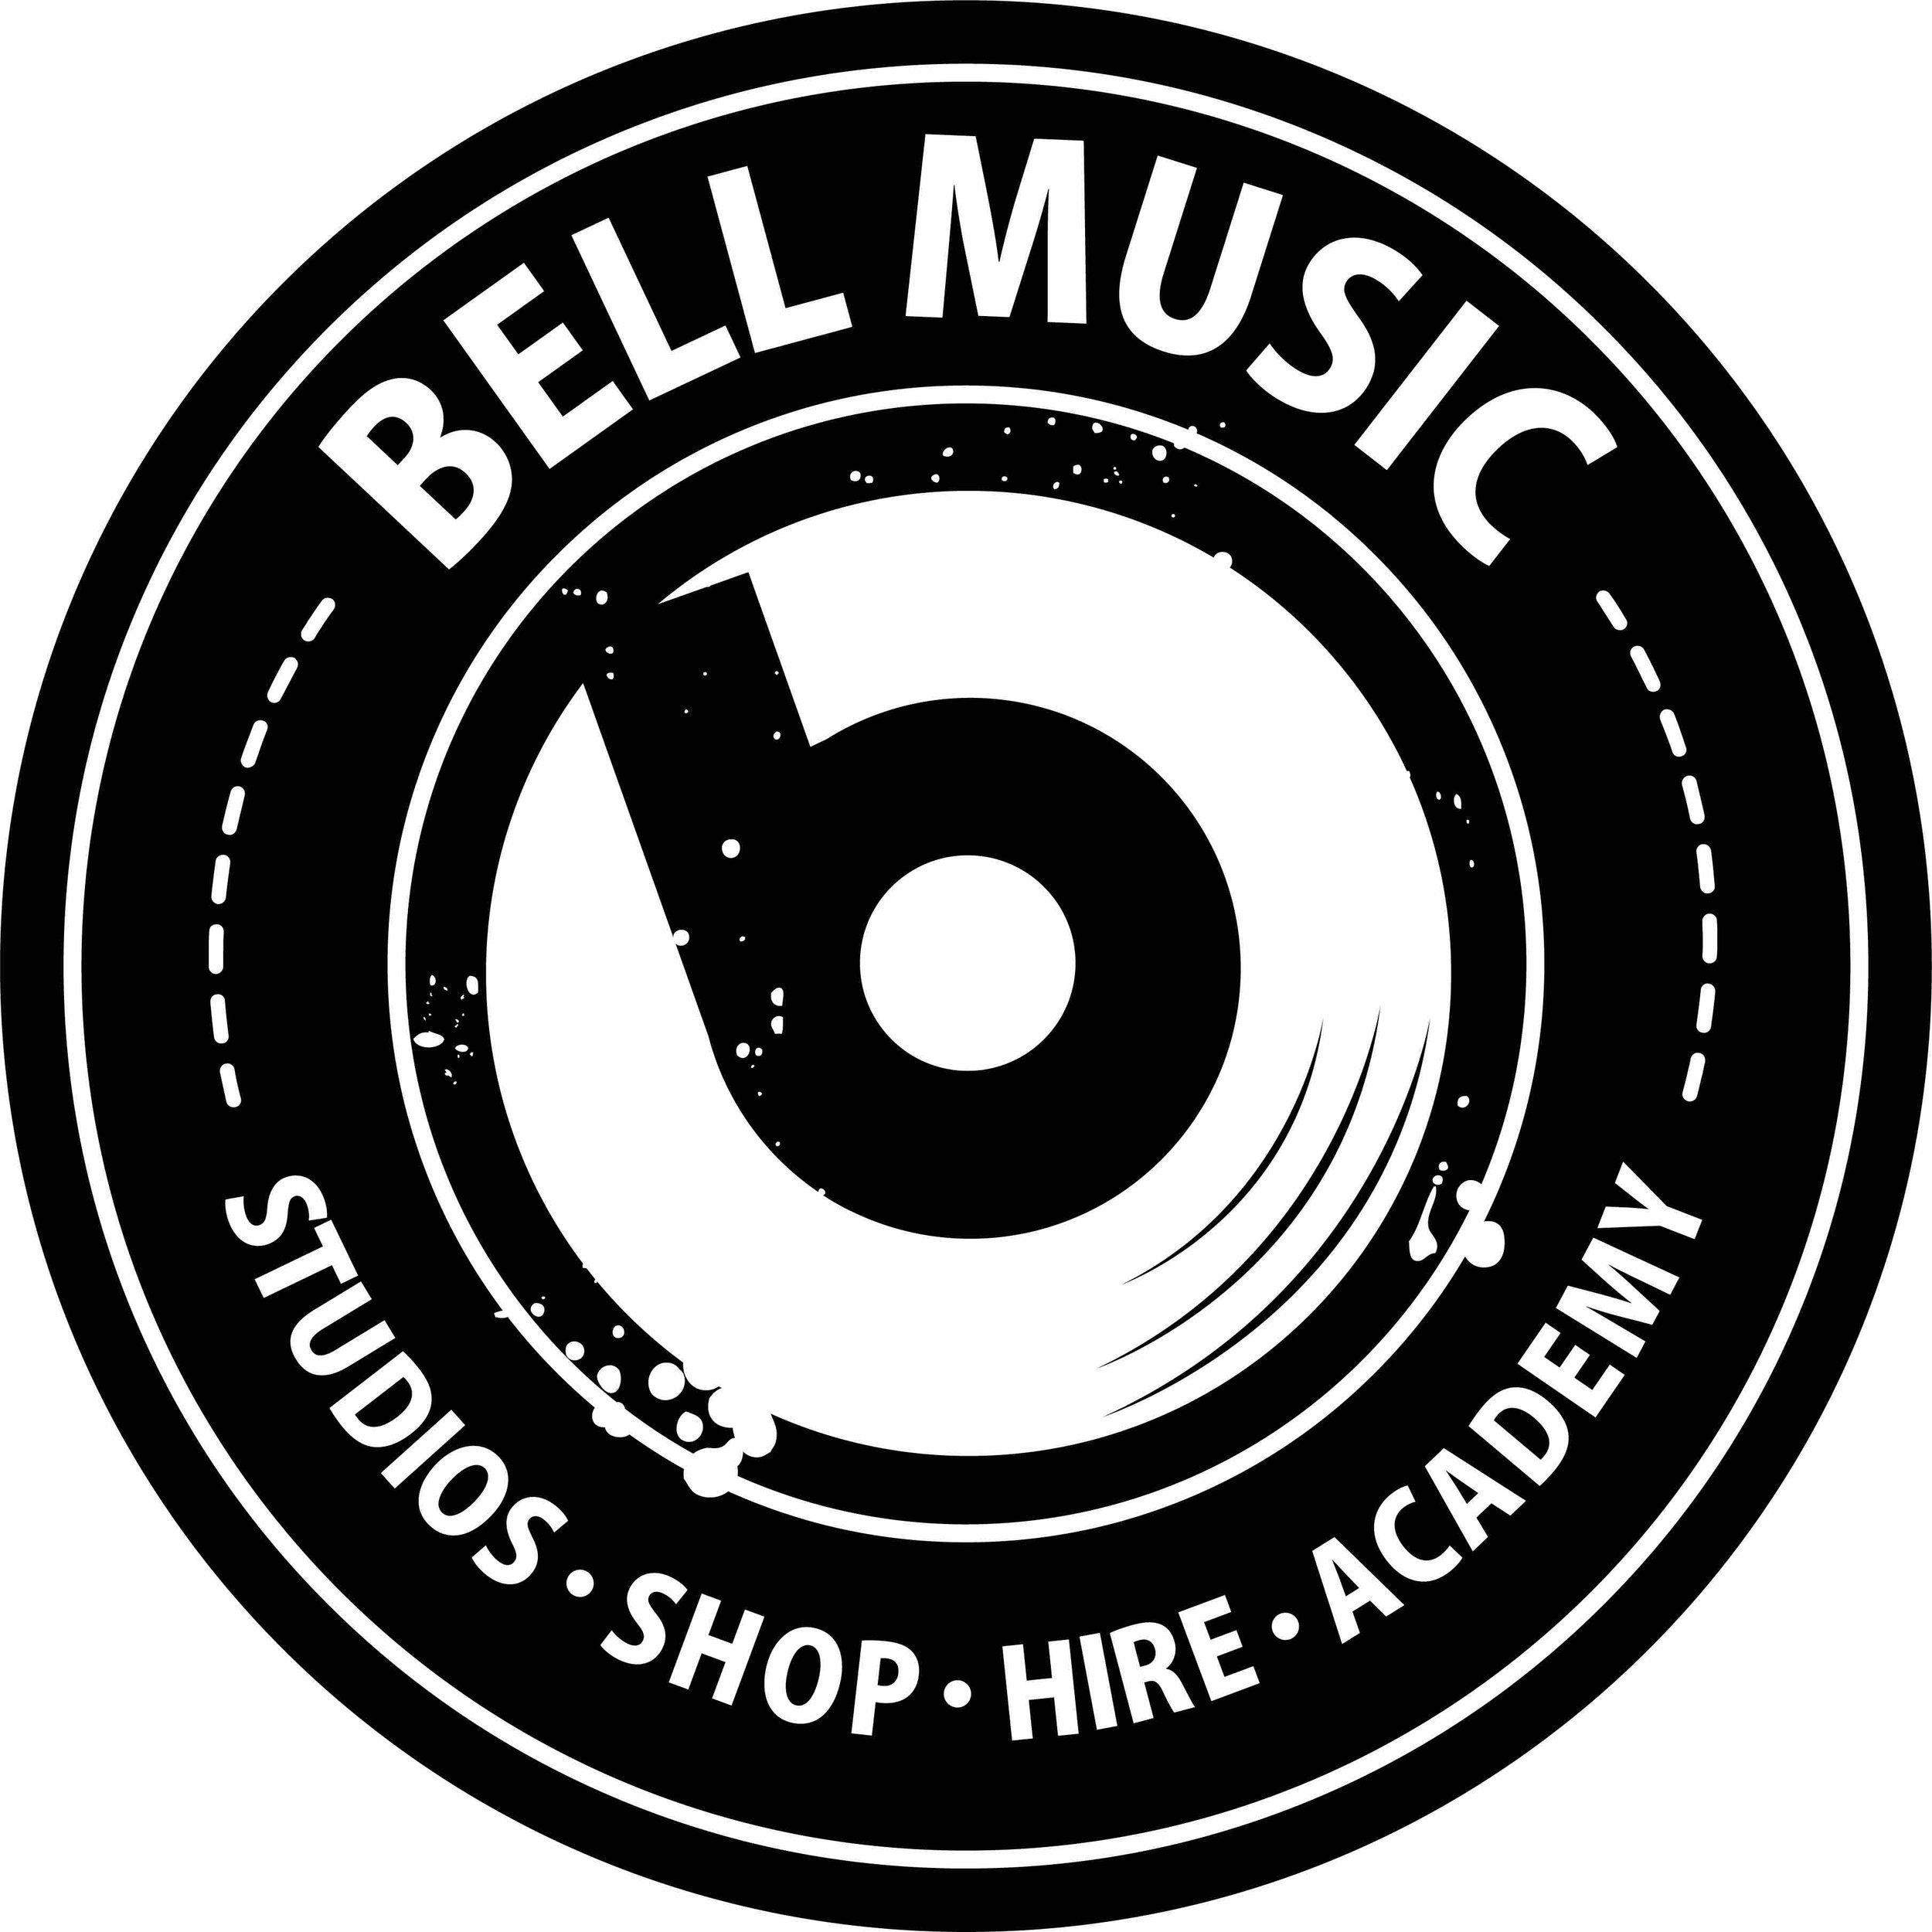 BELL-MUSIC-LOGO-BW.jpg